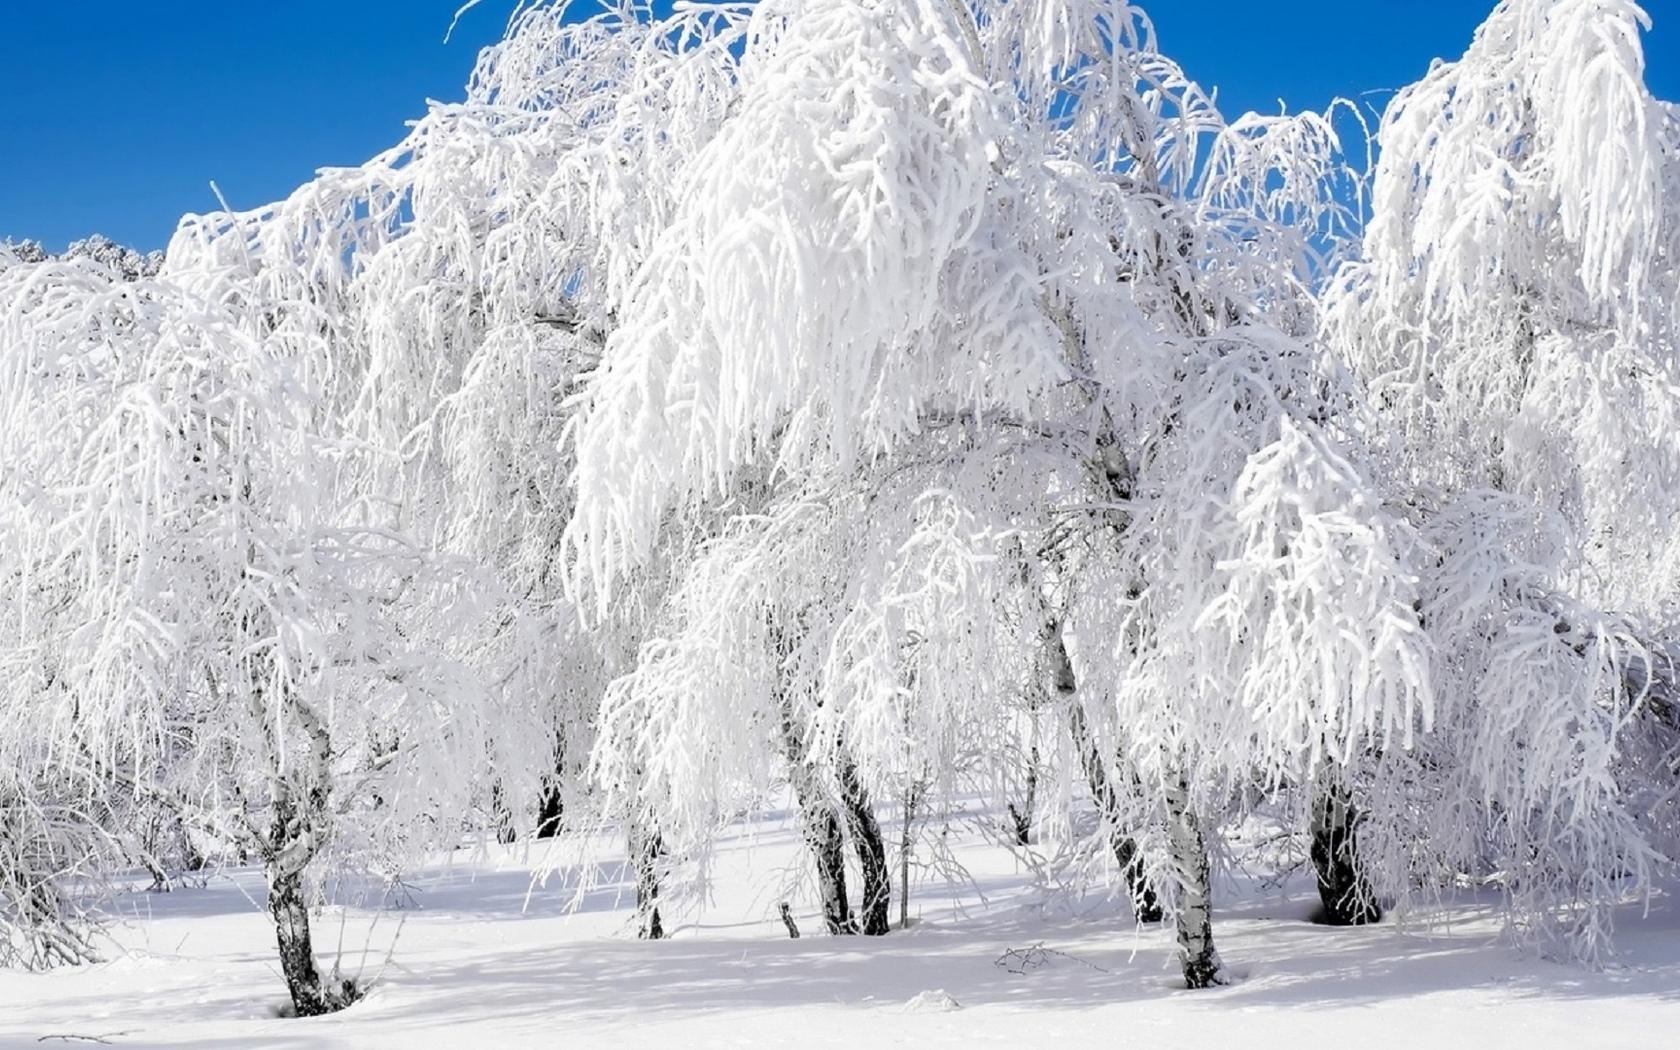 картинка зима метельная